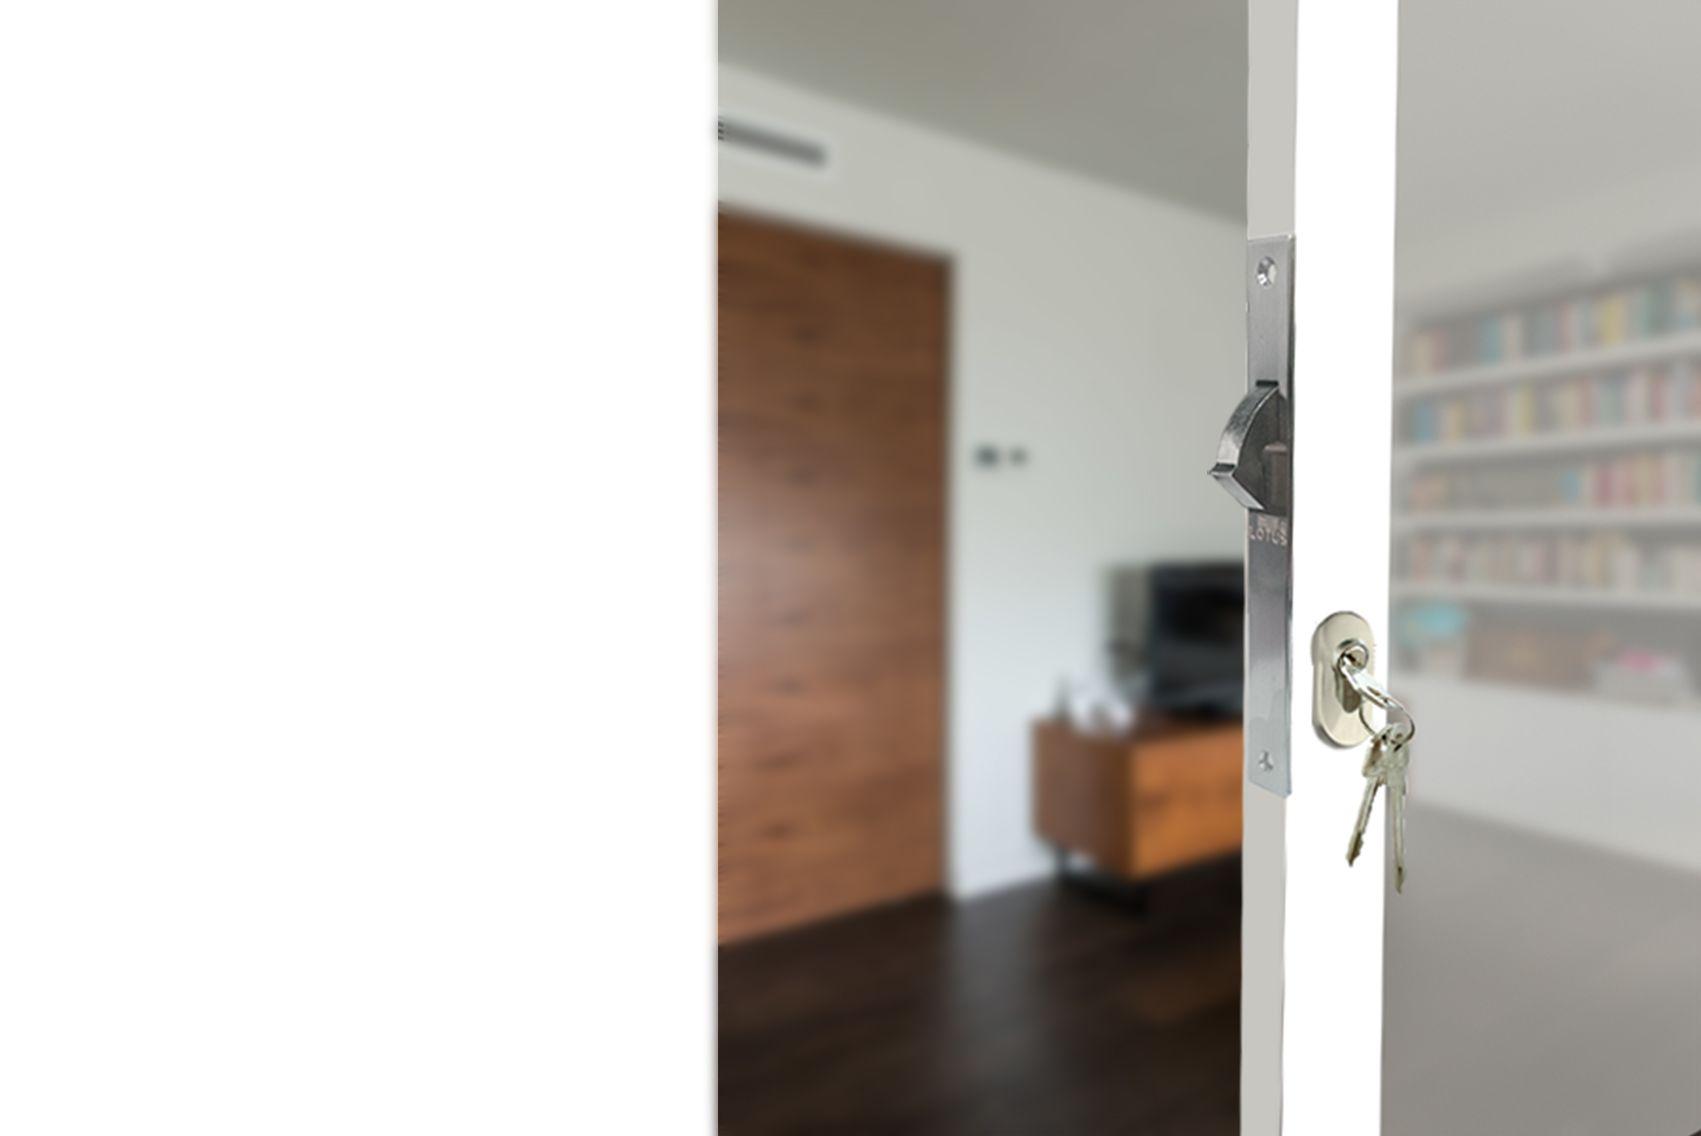 Cerradura Pico De Loro Para Puertas Doble Hoja Home Storage Home Decor